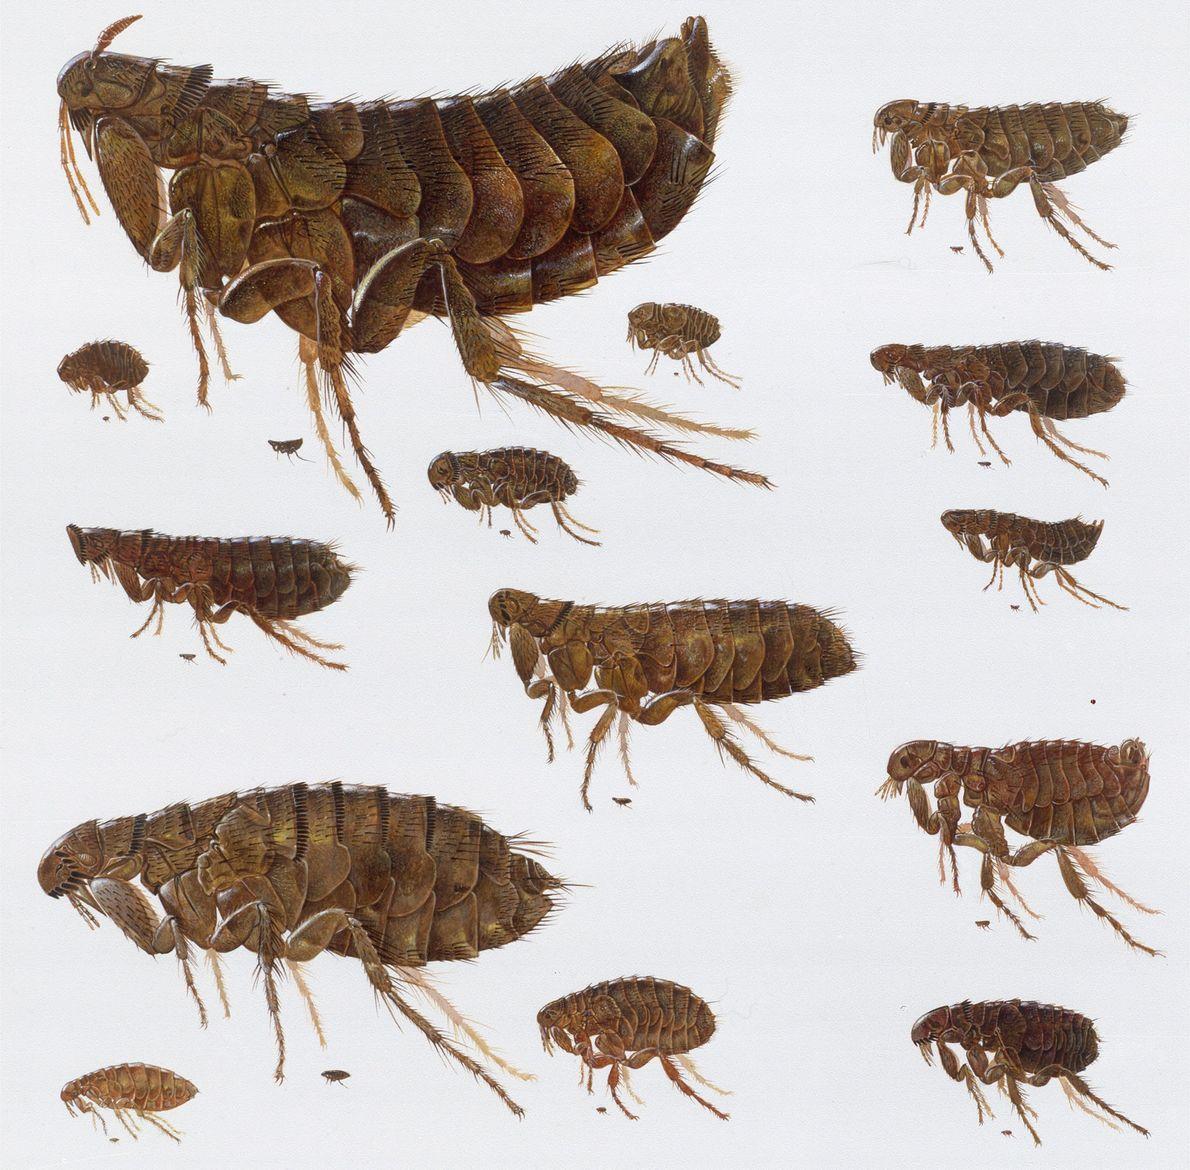 Diese Illustrationen zeigen Flöhe, wie sie durch ein Mikroskop sichtbar wären.